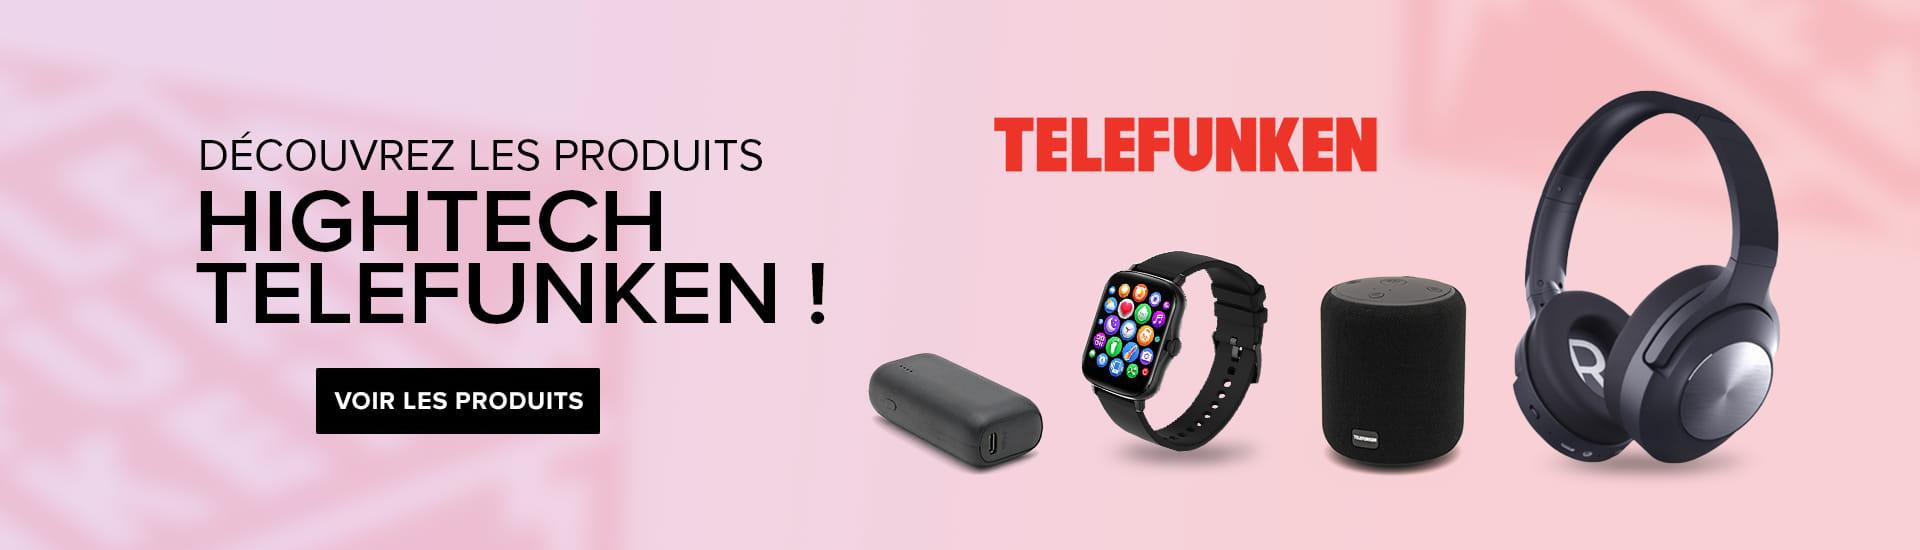 Bannière produits Telefunken 2021